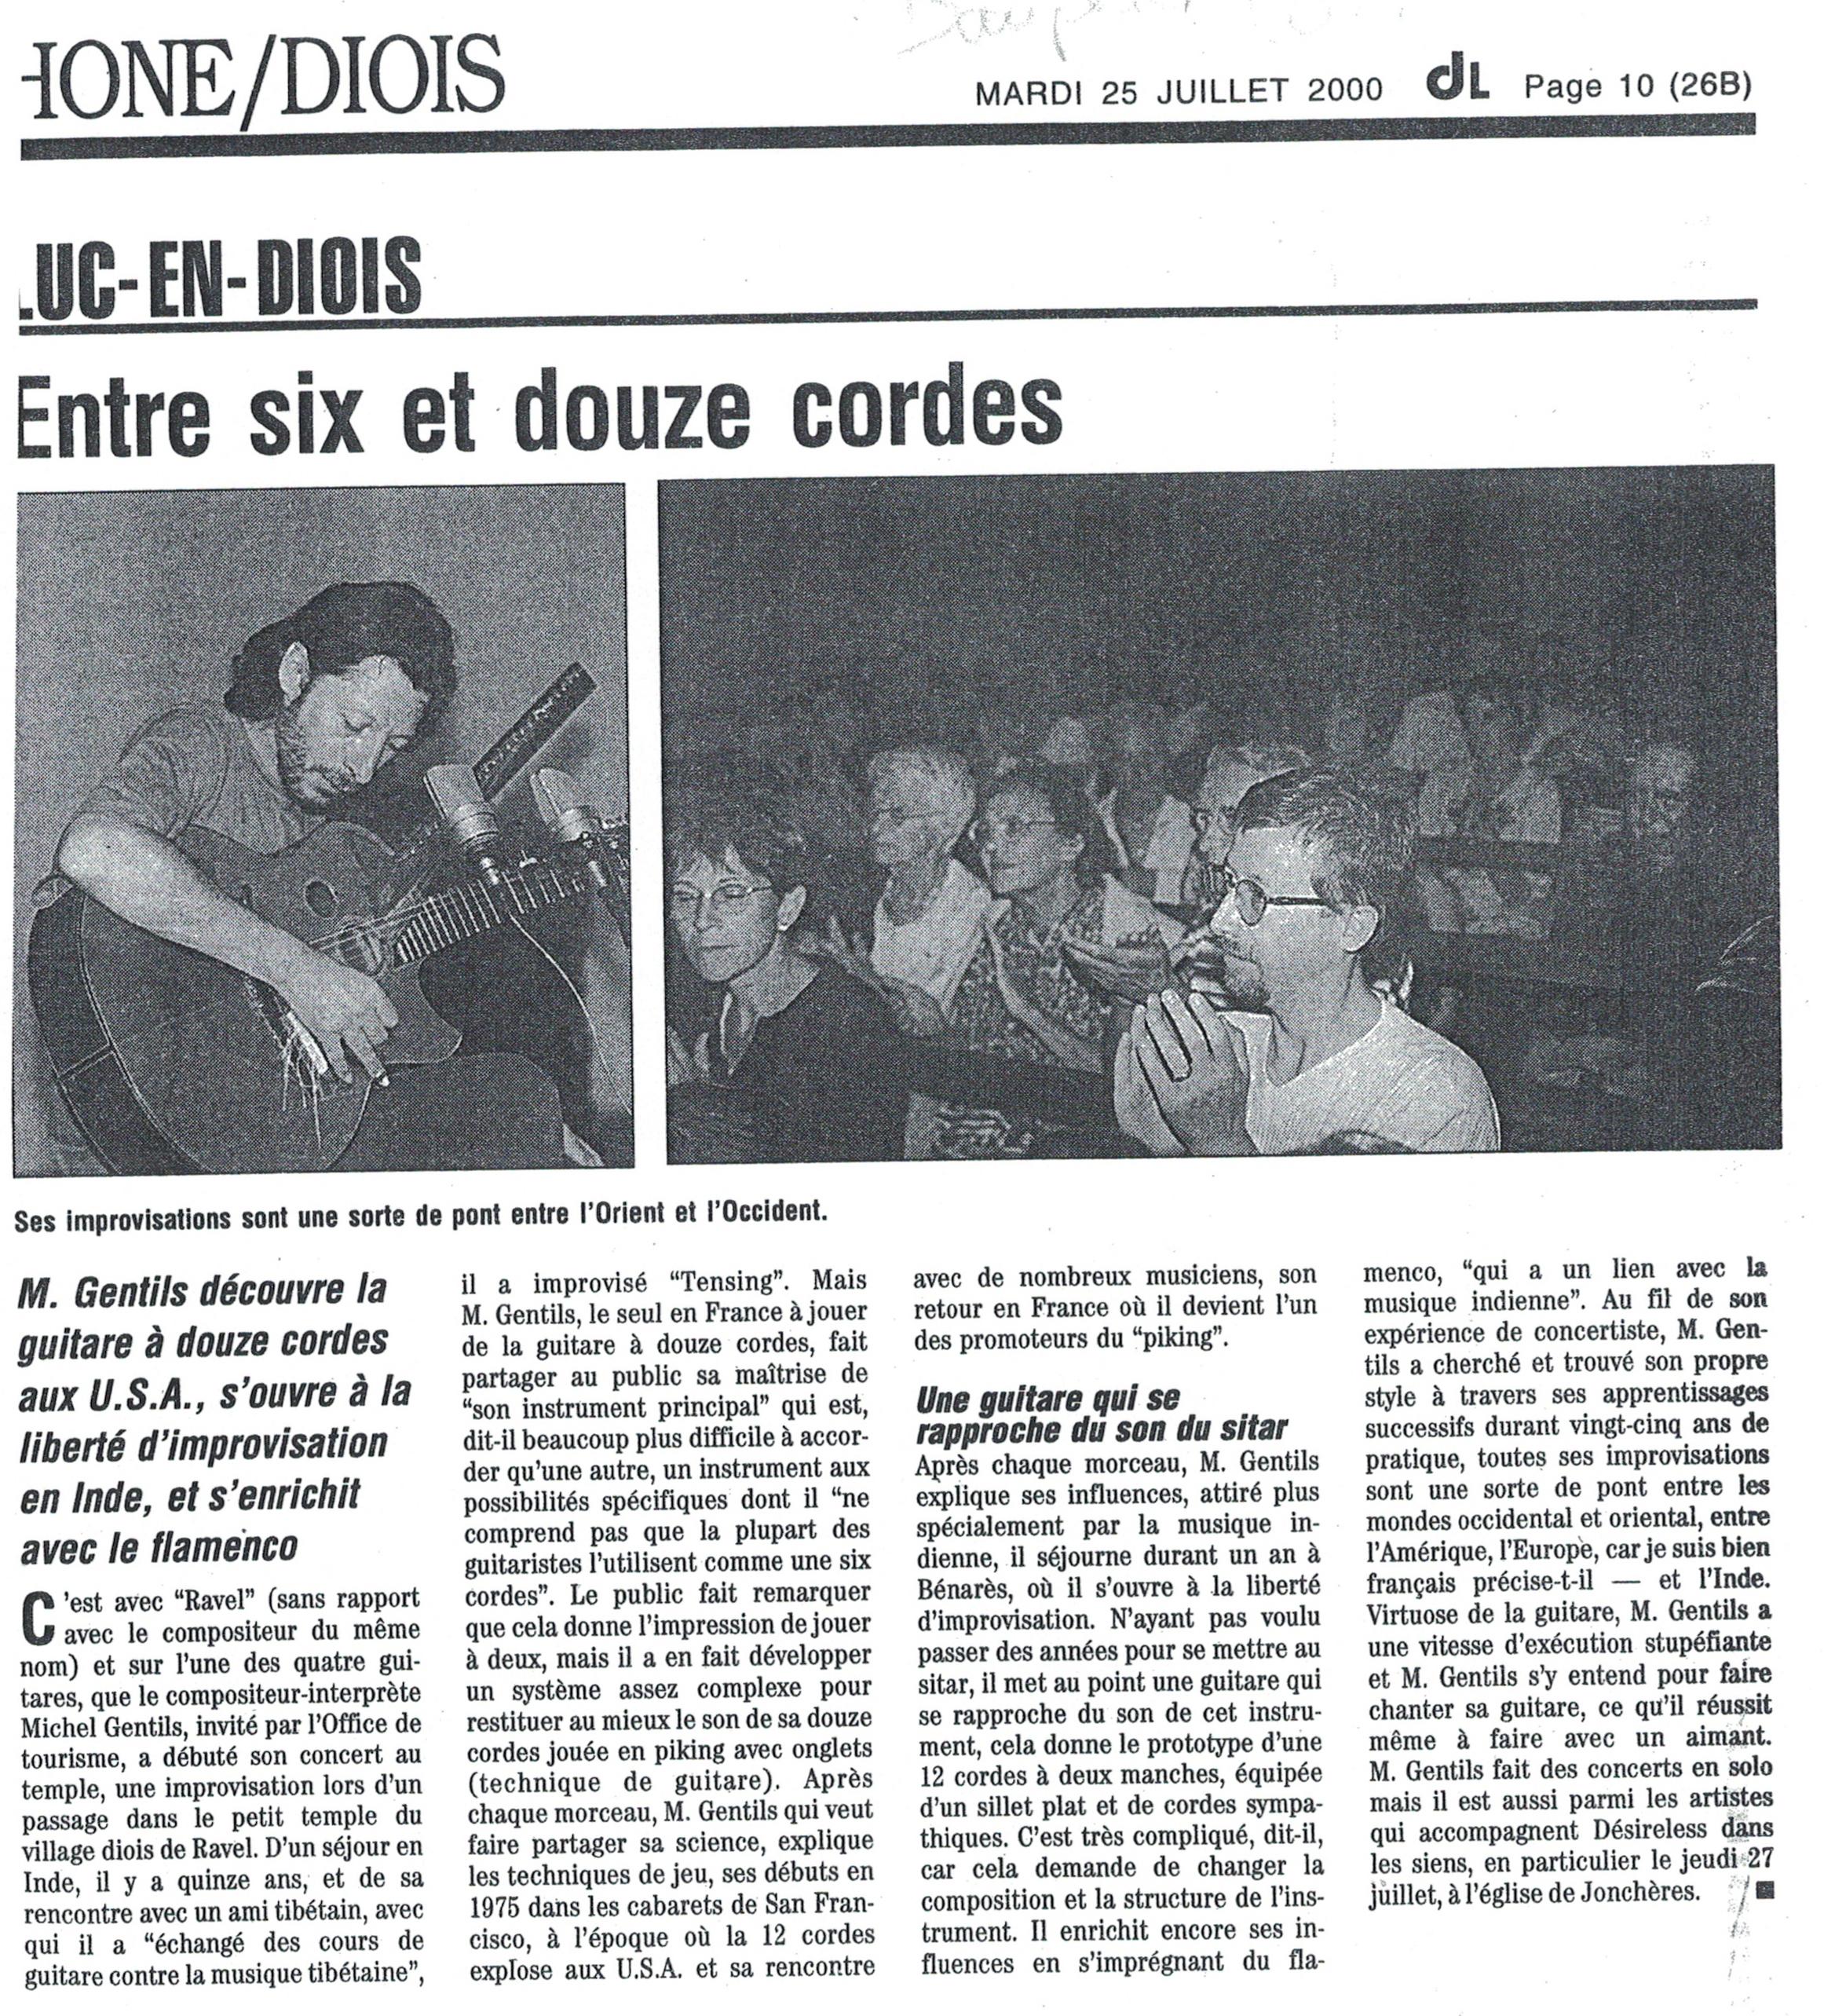 Le Dauphiné Libéré, Concert en Eglise